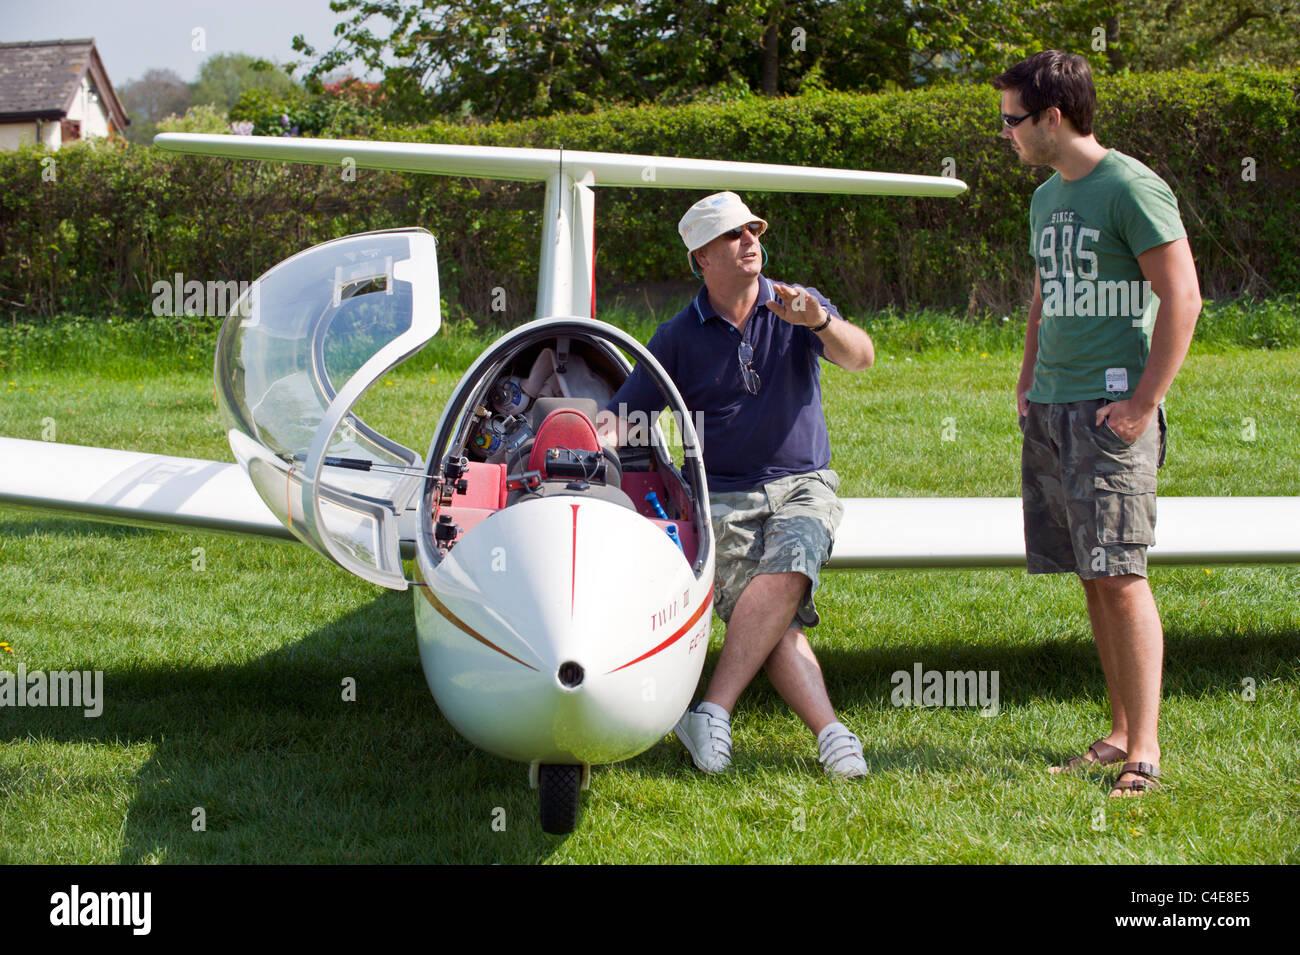 Giovane uomo ricevere istruzioni prima di avere il primo volo in biposto aliante aeromobile Immagini Stock